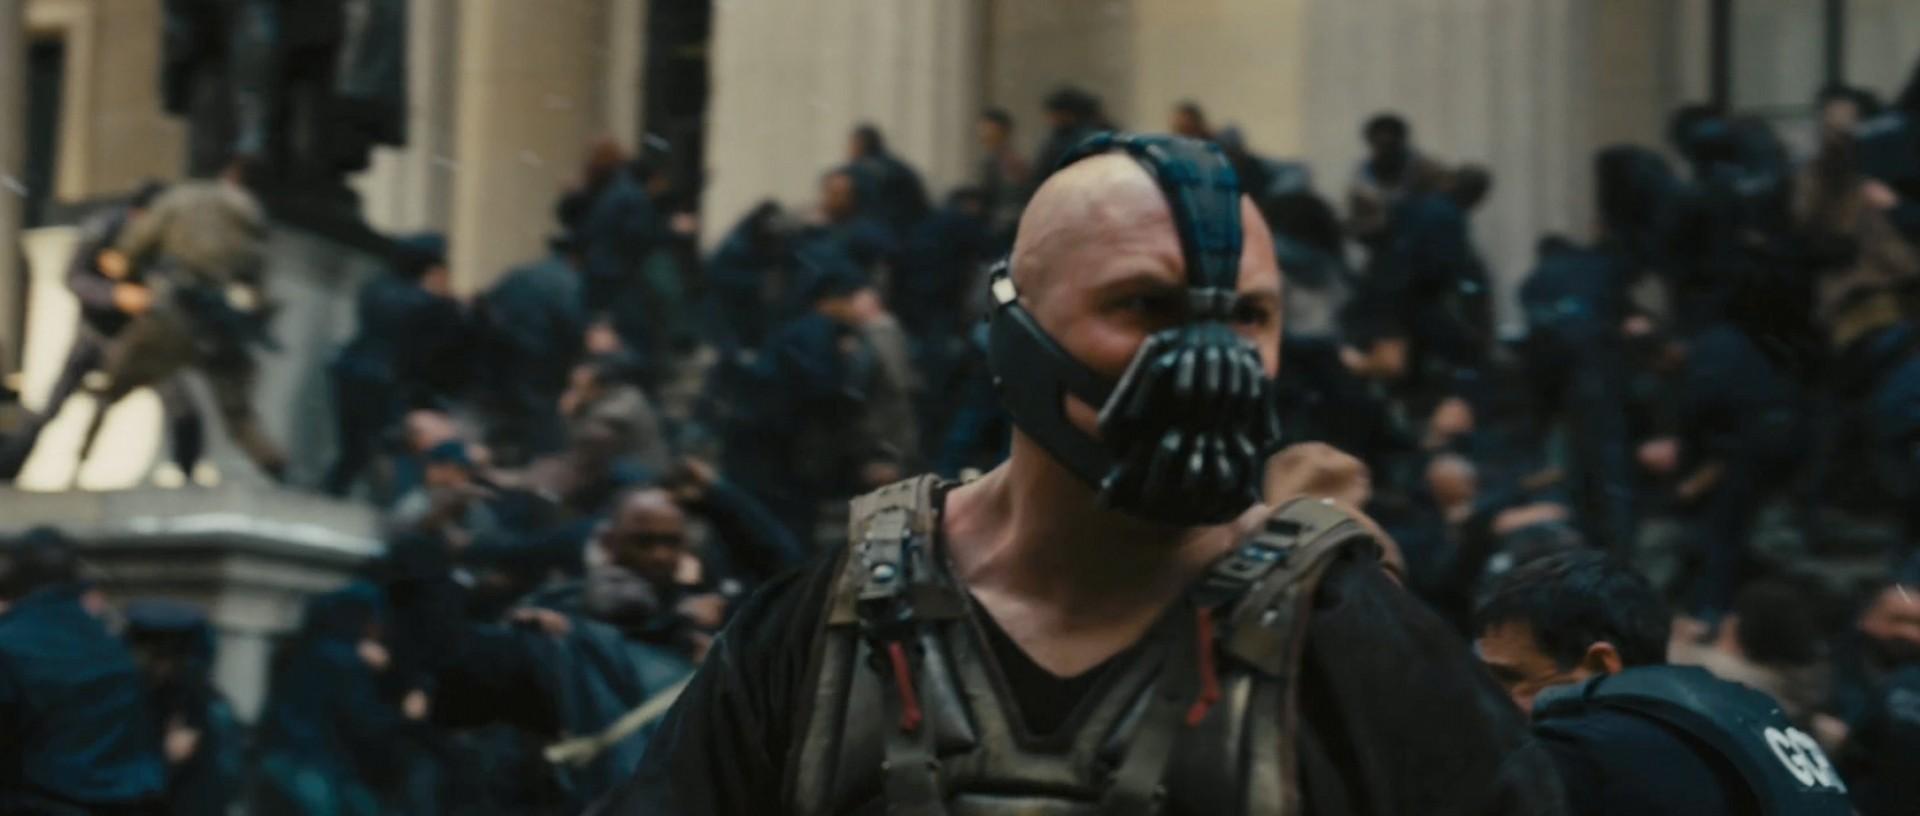 Все фильмы Кристофера Нолана Темный рыцарь Возрождение Dark Knight Rises